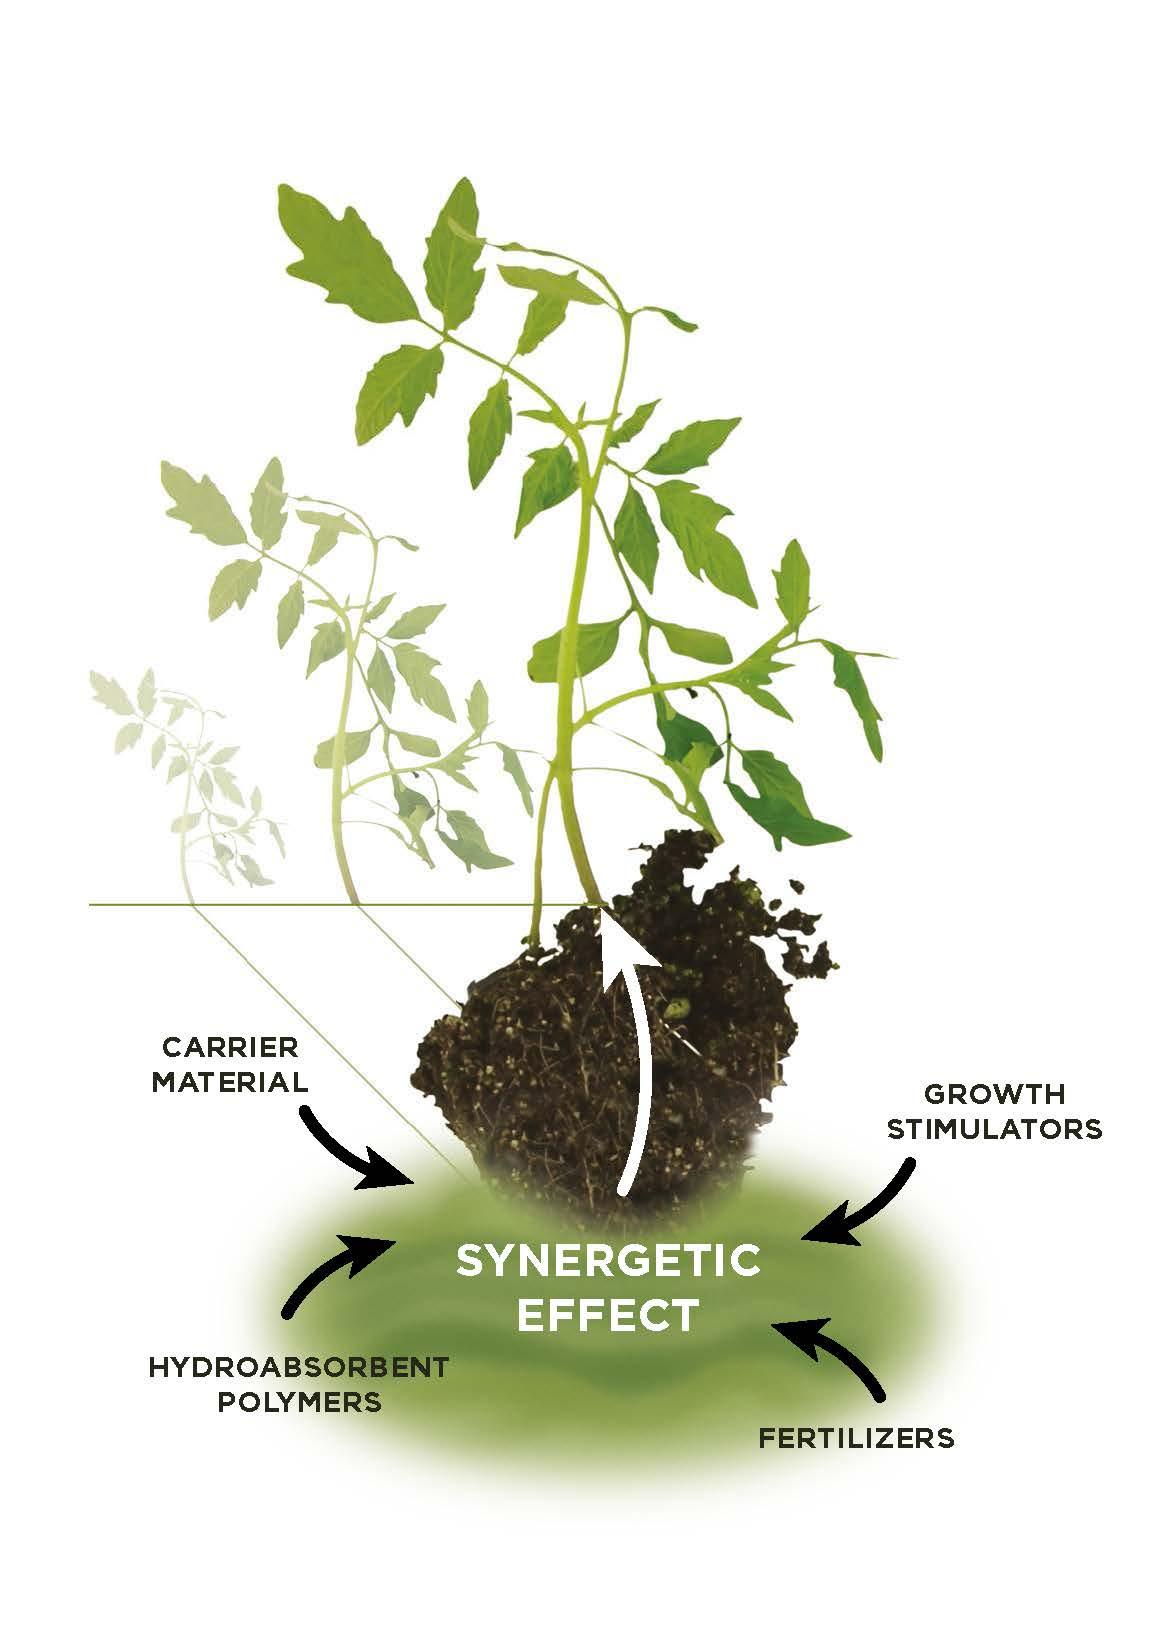 Půdní kondicionéry pro výživu rostlin, keřů a stromů - TerraCottem Universal, Arbor, Turf, Complement